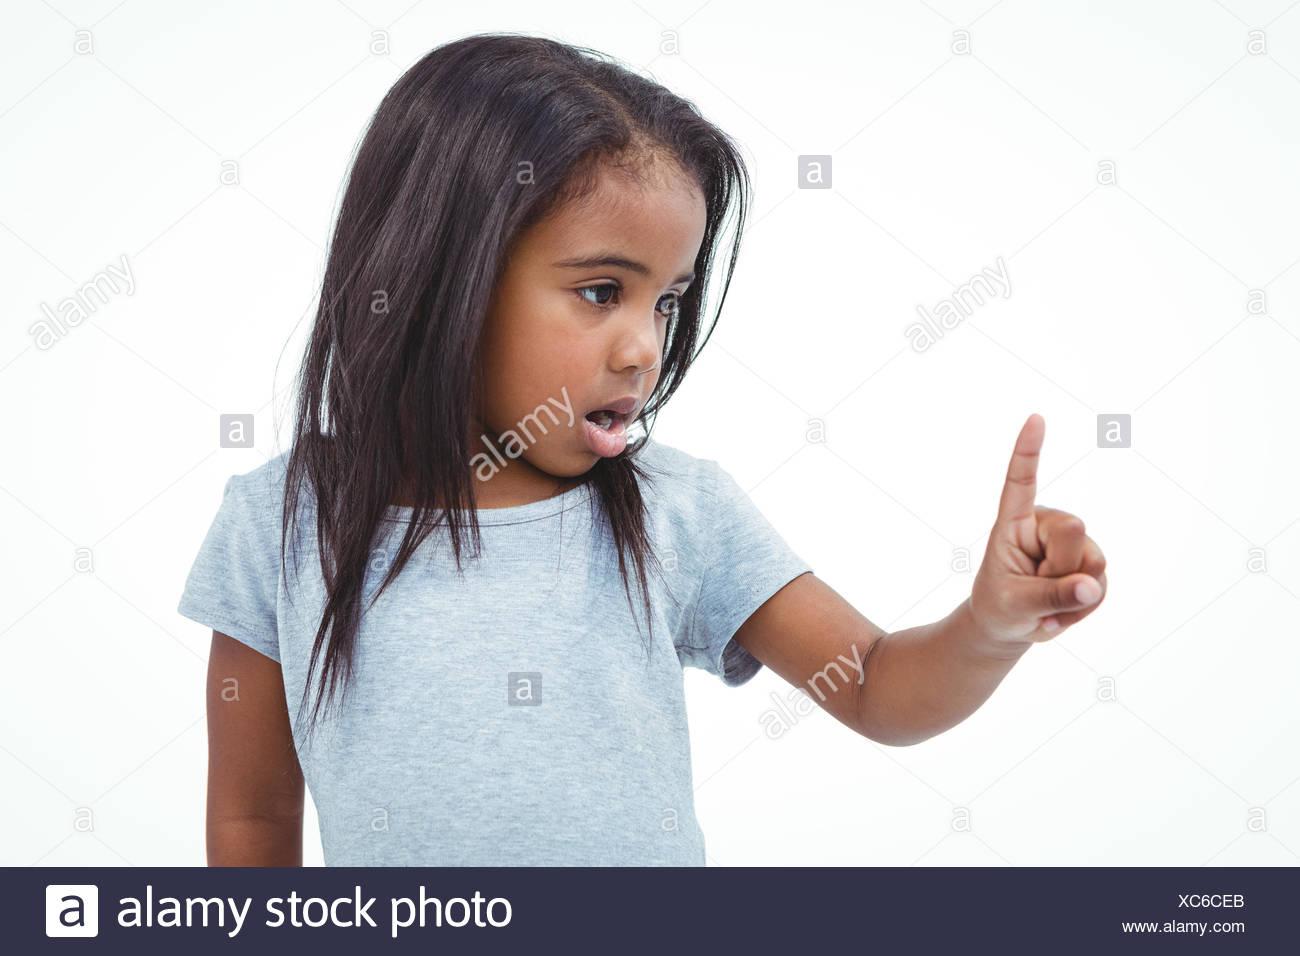 girl saying no